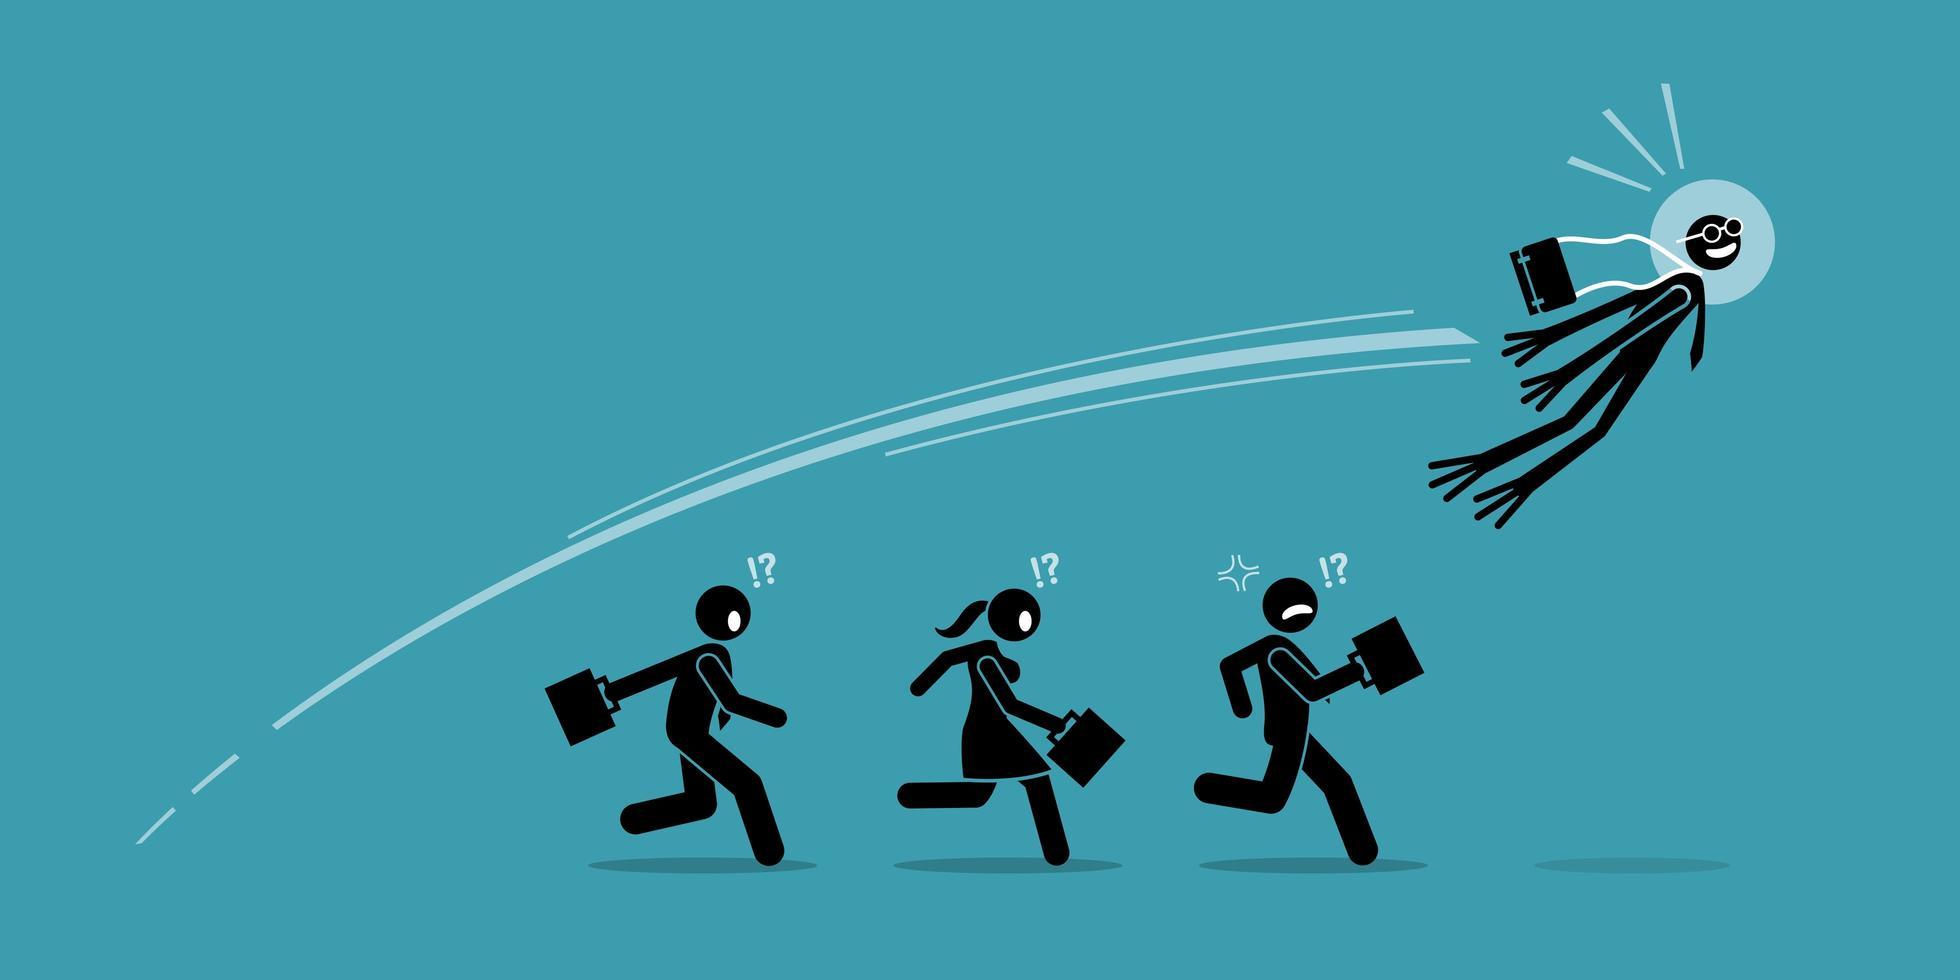 empresário se transforma em sapo e salta sobre todos os seus concorrentes com um salto. vetor